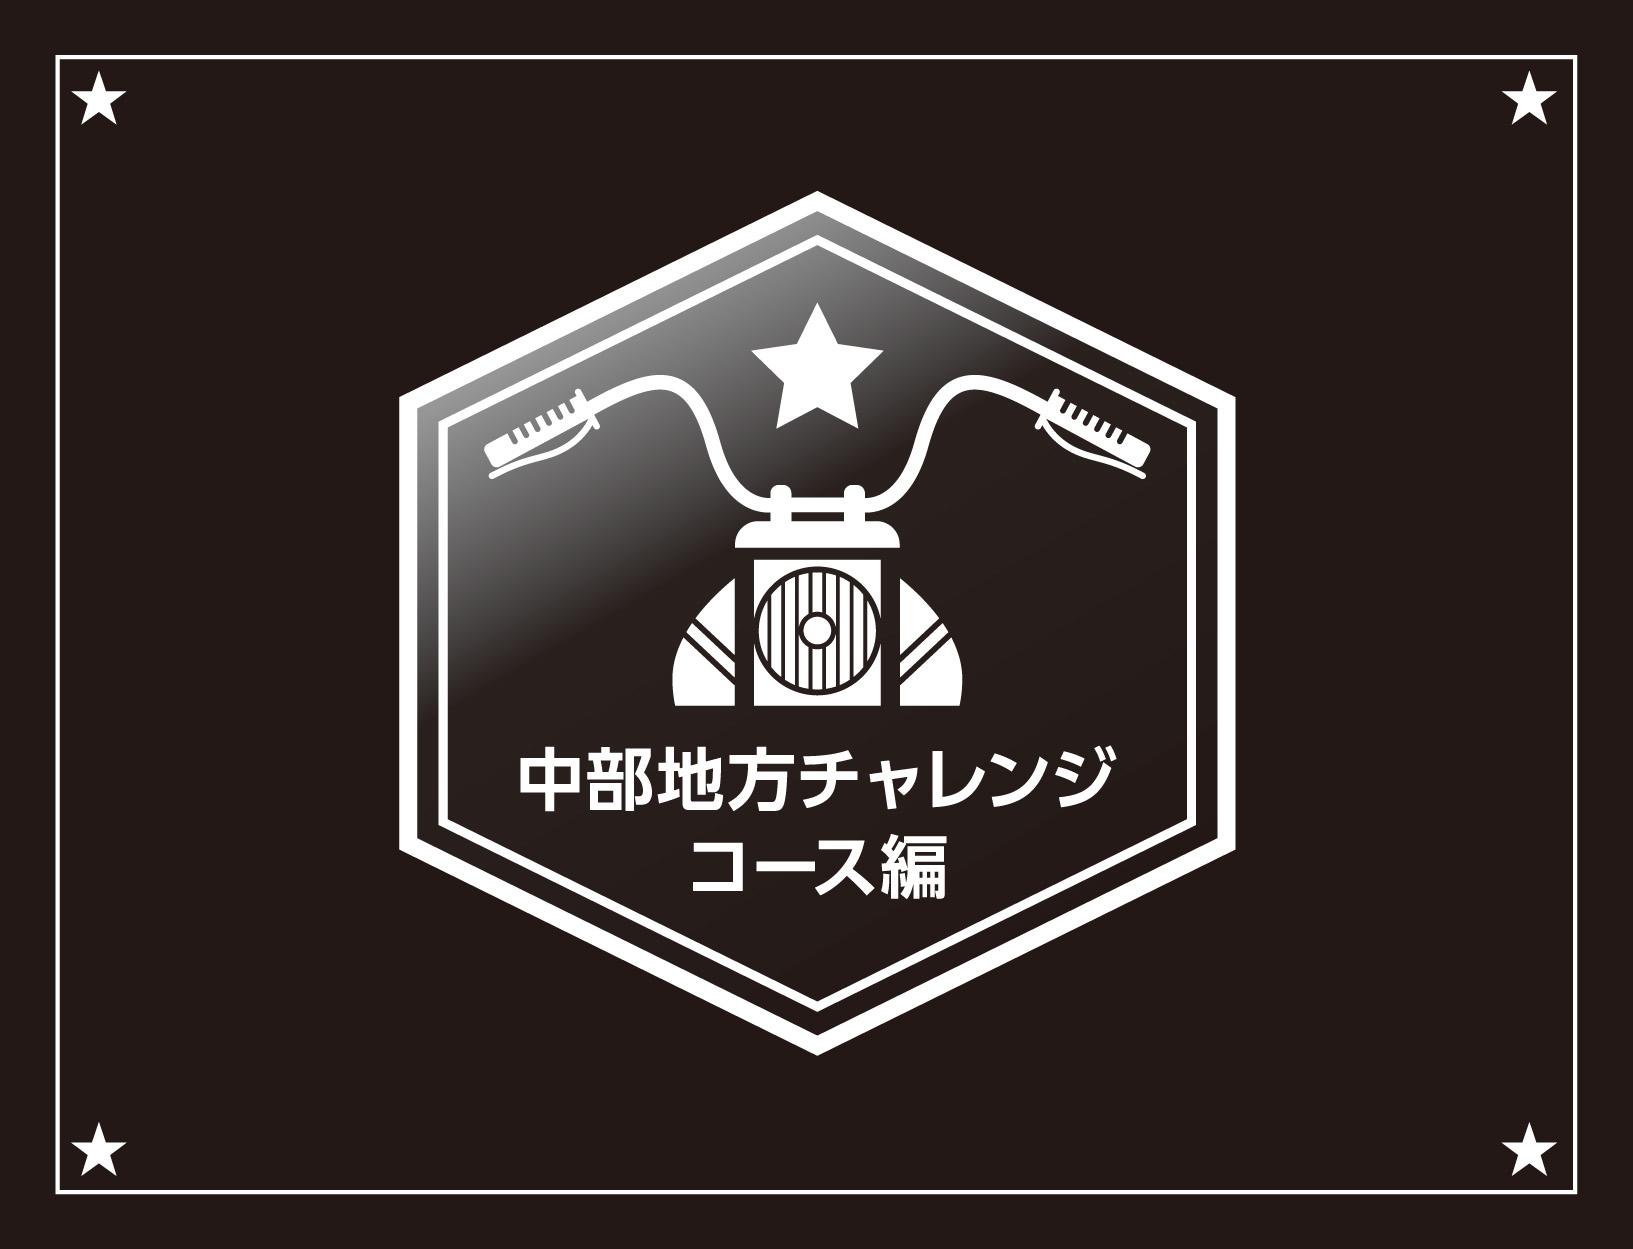 単車屋吉田 スタンプラリー 中部地方チェレンジコース編